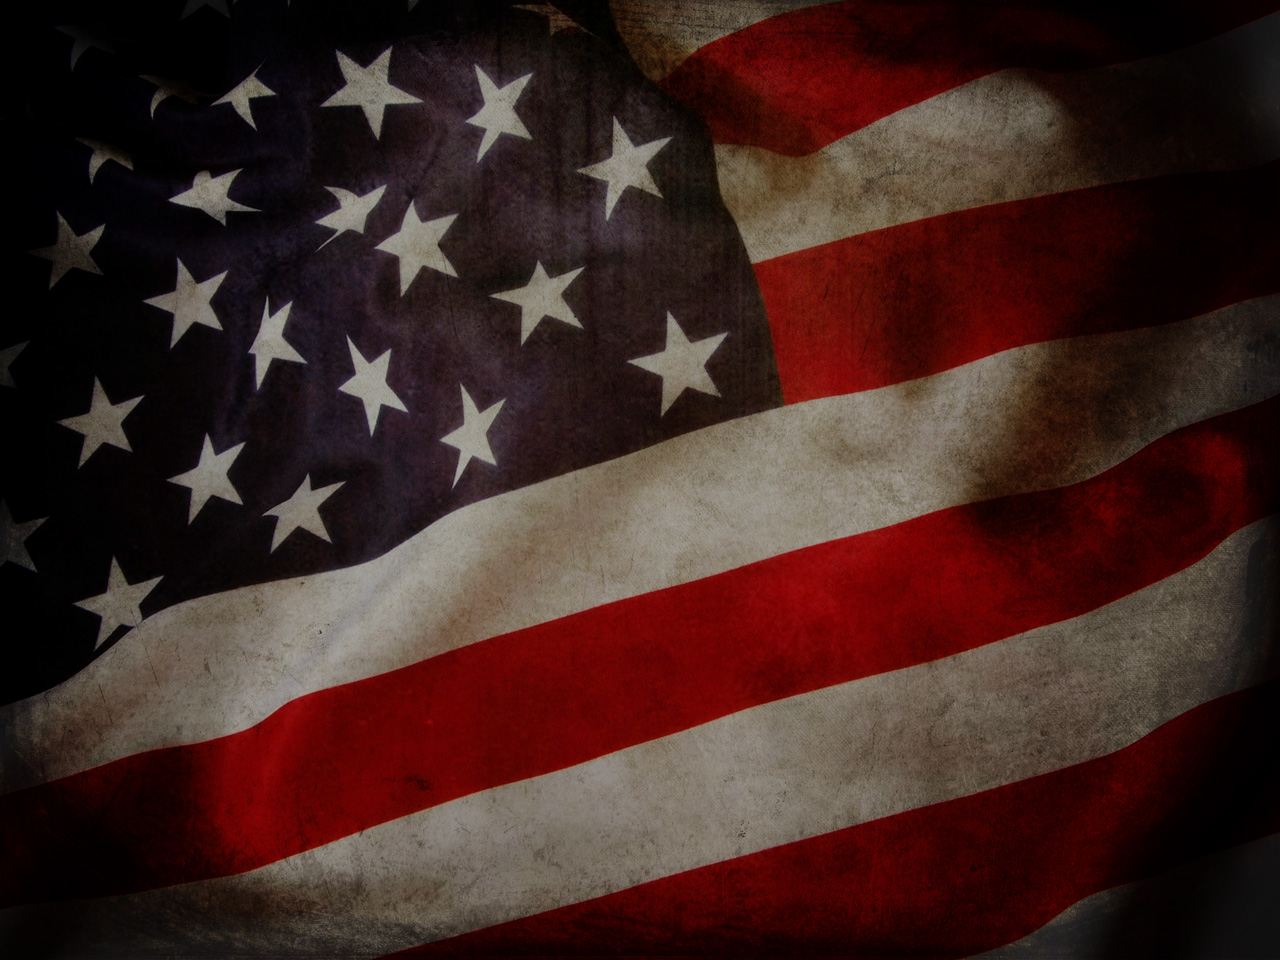 FLAG_1521420623235.jpg